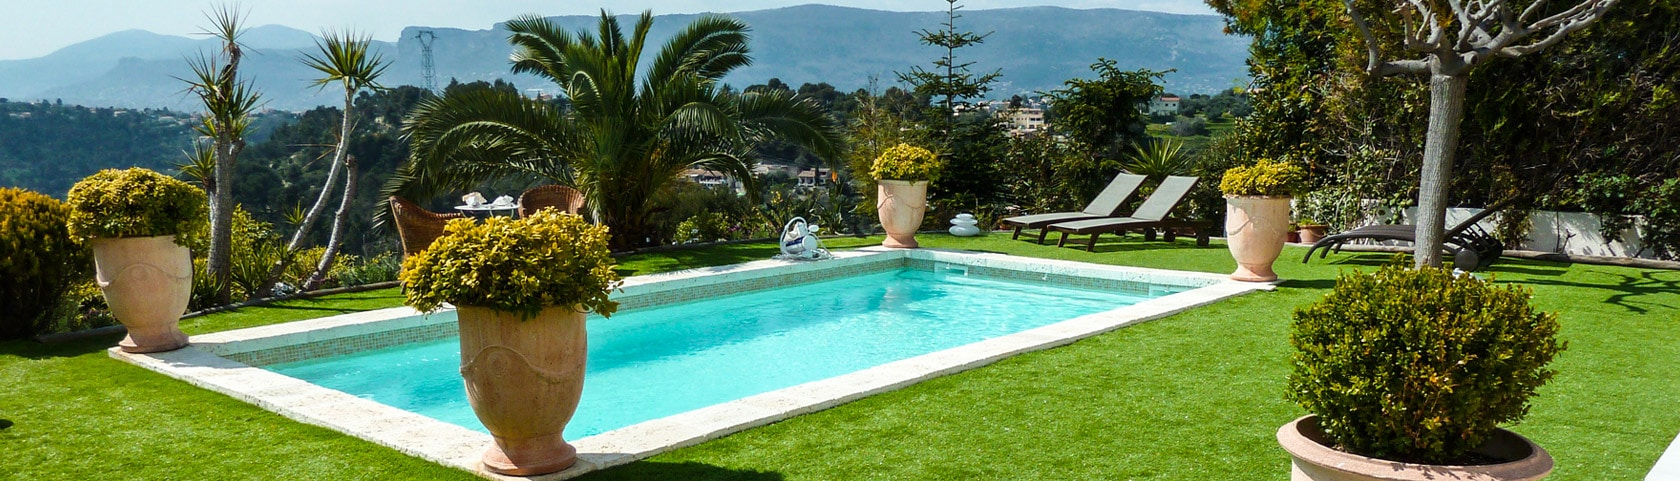 que savoir avant d 39 acheter une maison avec une piscine coque. Black Bedroom Furniture Sets. Home Design Ideas